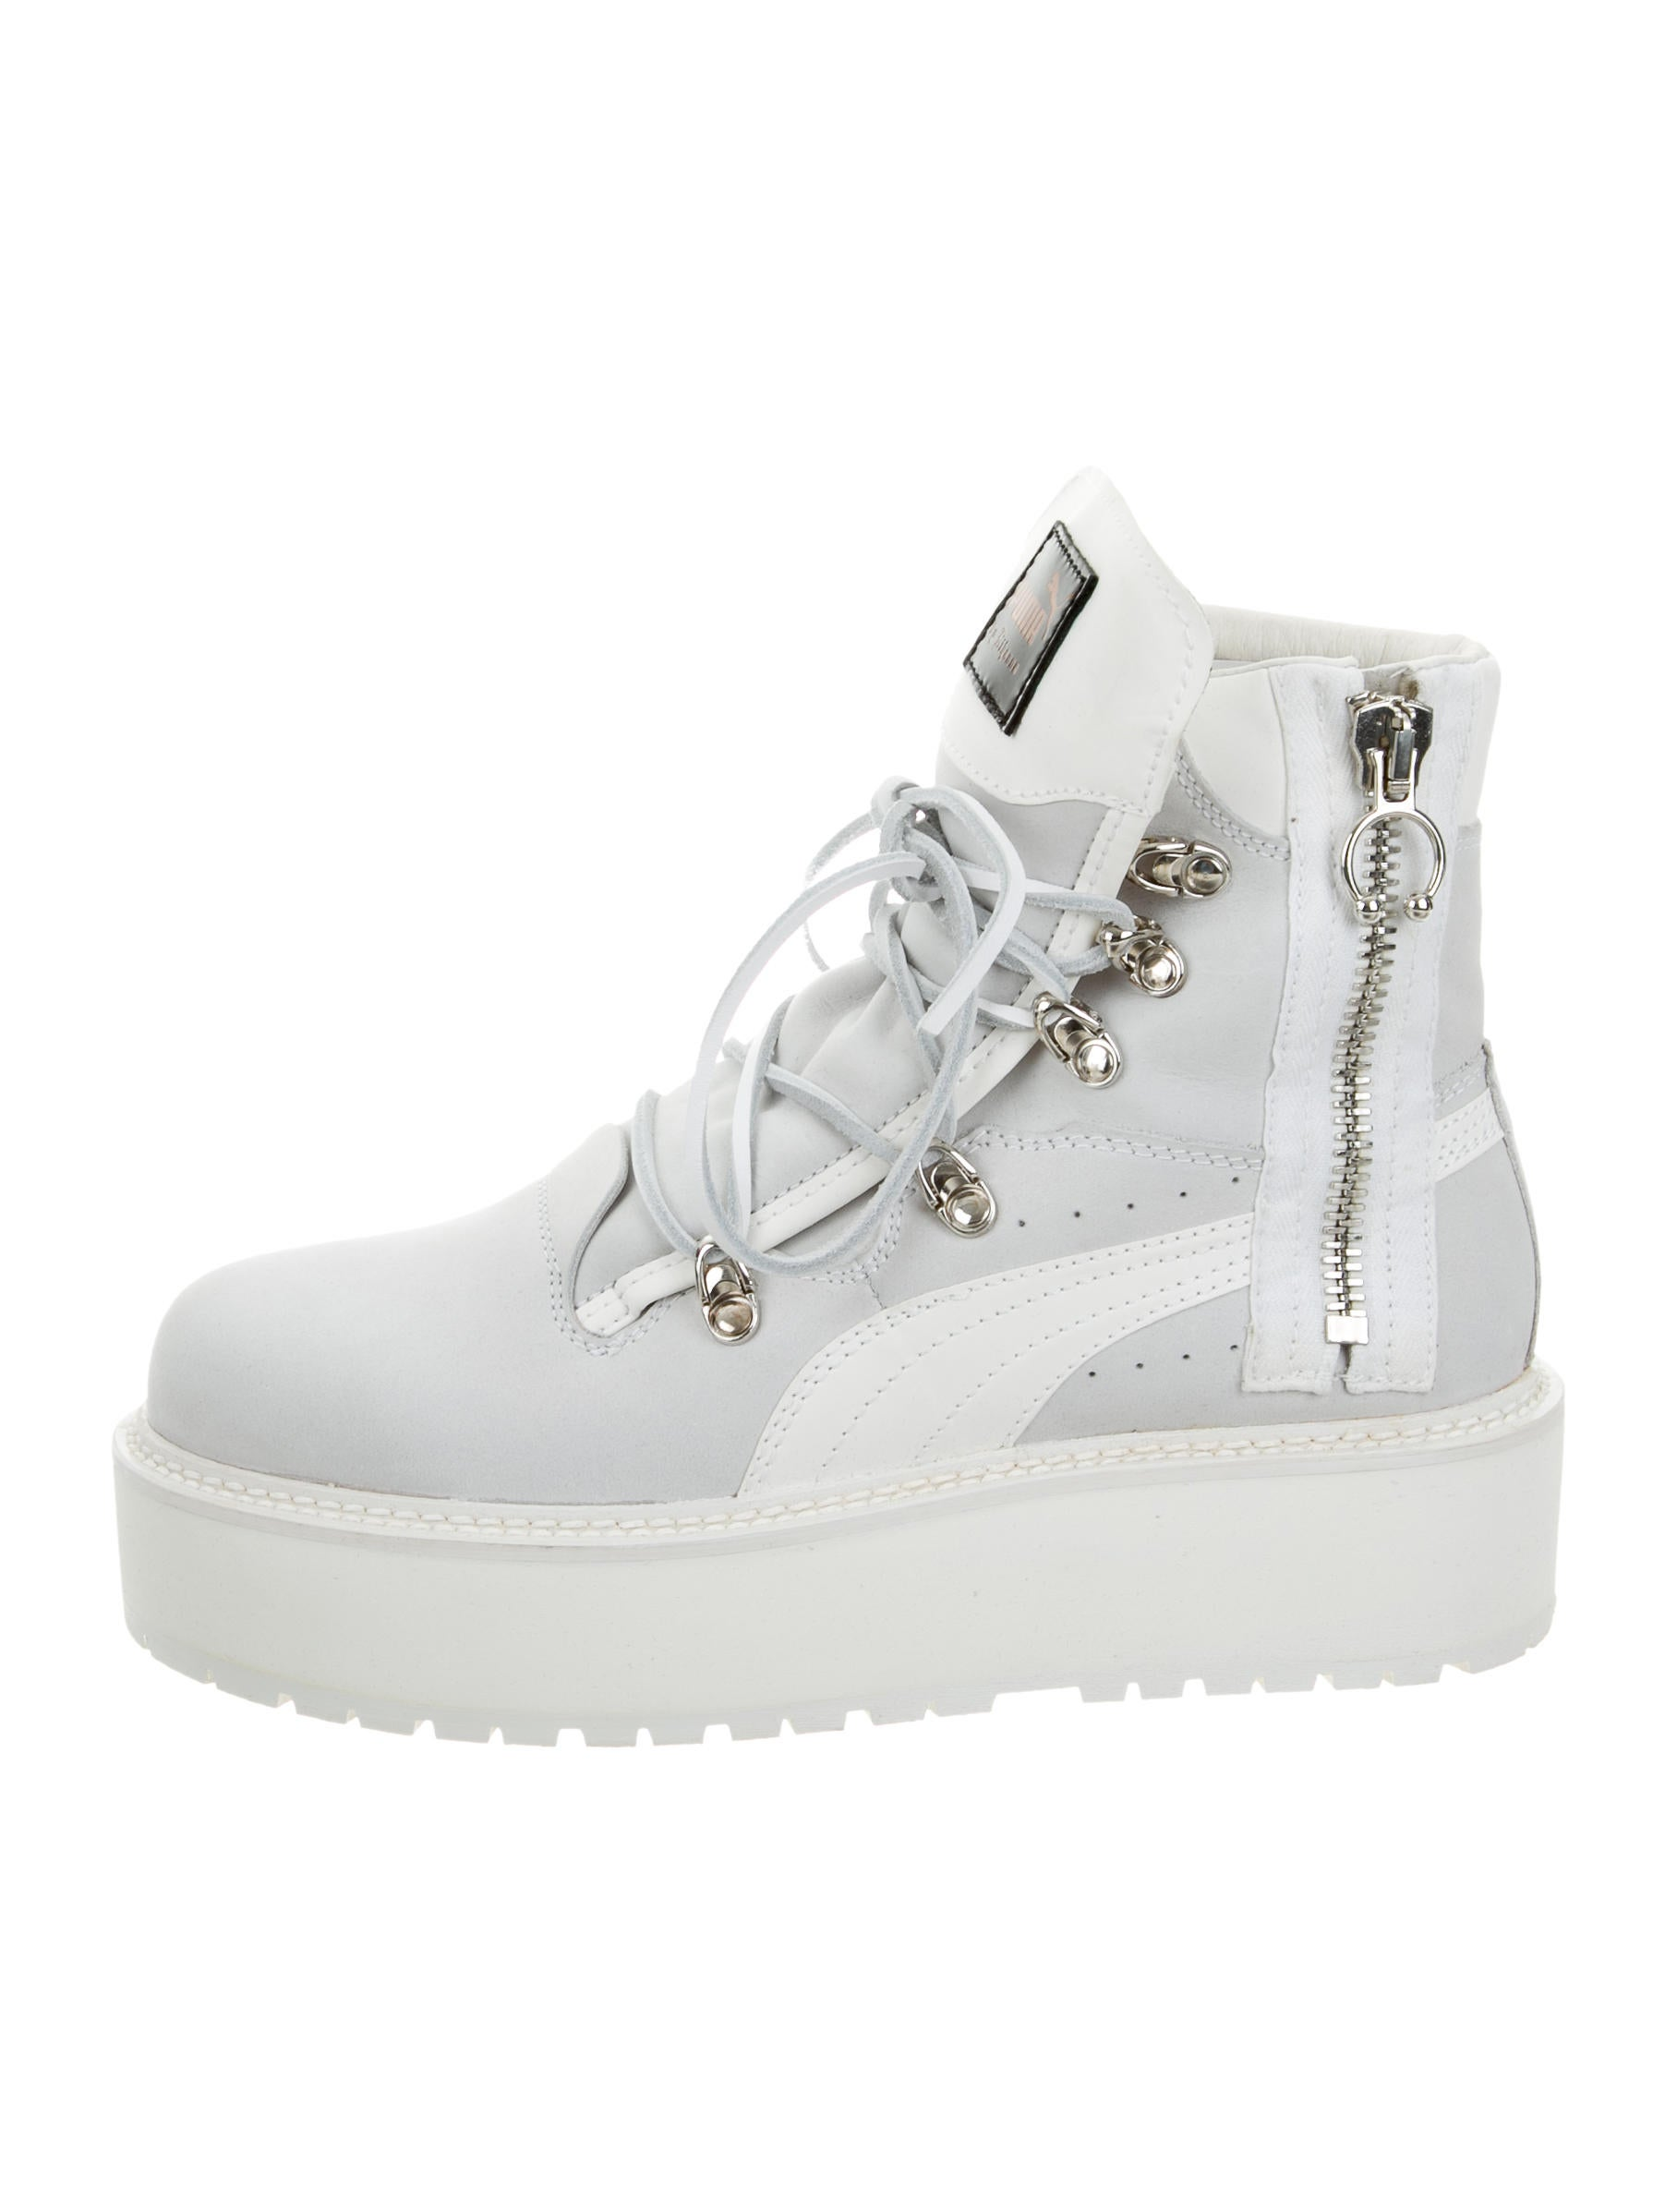 bde31e4995b6 Puma x Fenty SB White Rihanna Boots w  Tags - Shoes - WPMFY20050 ...